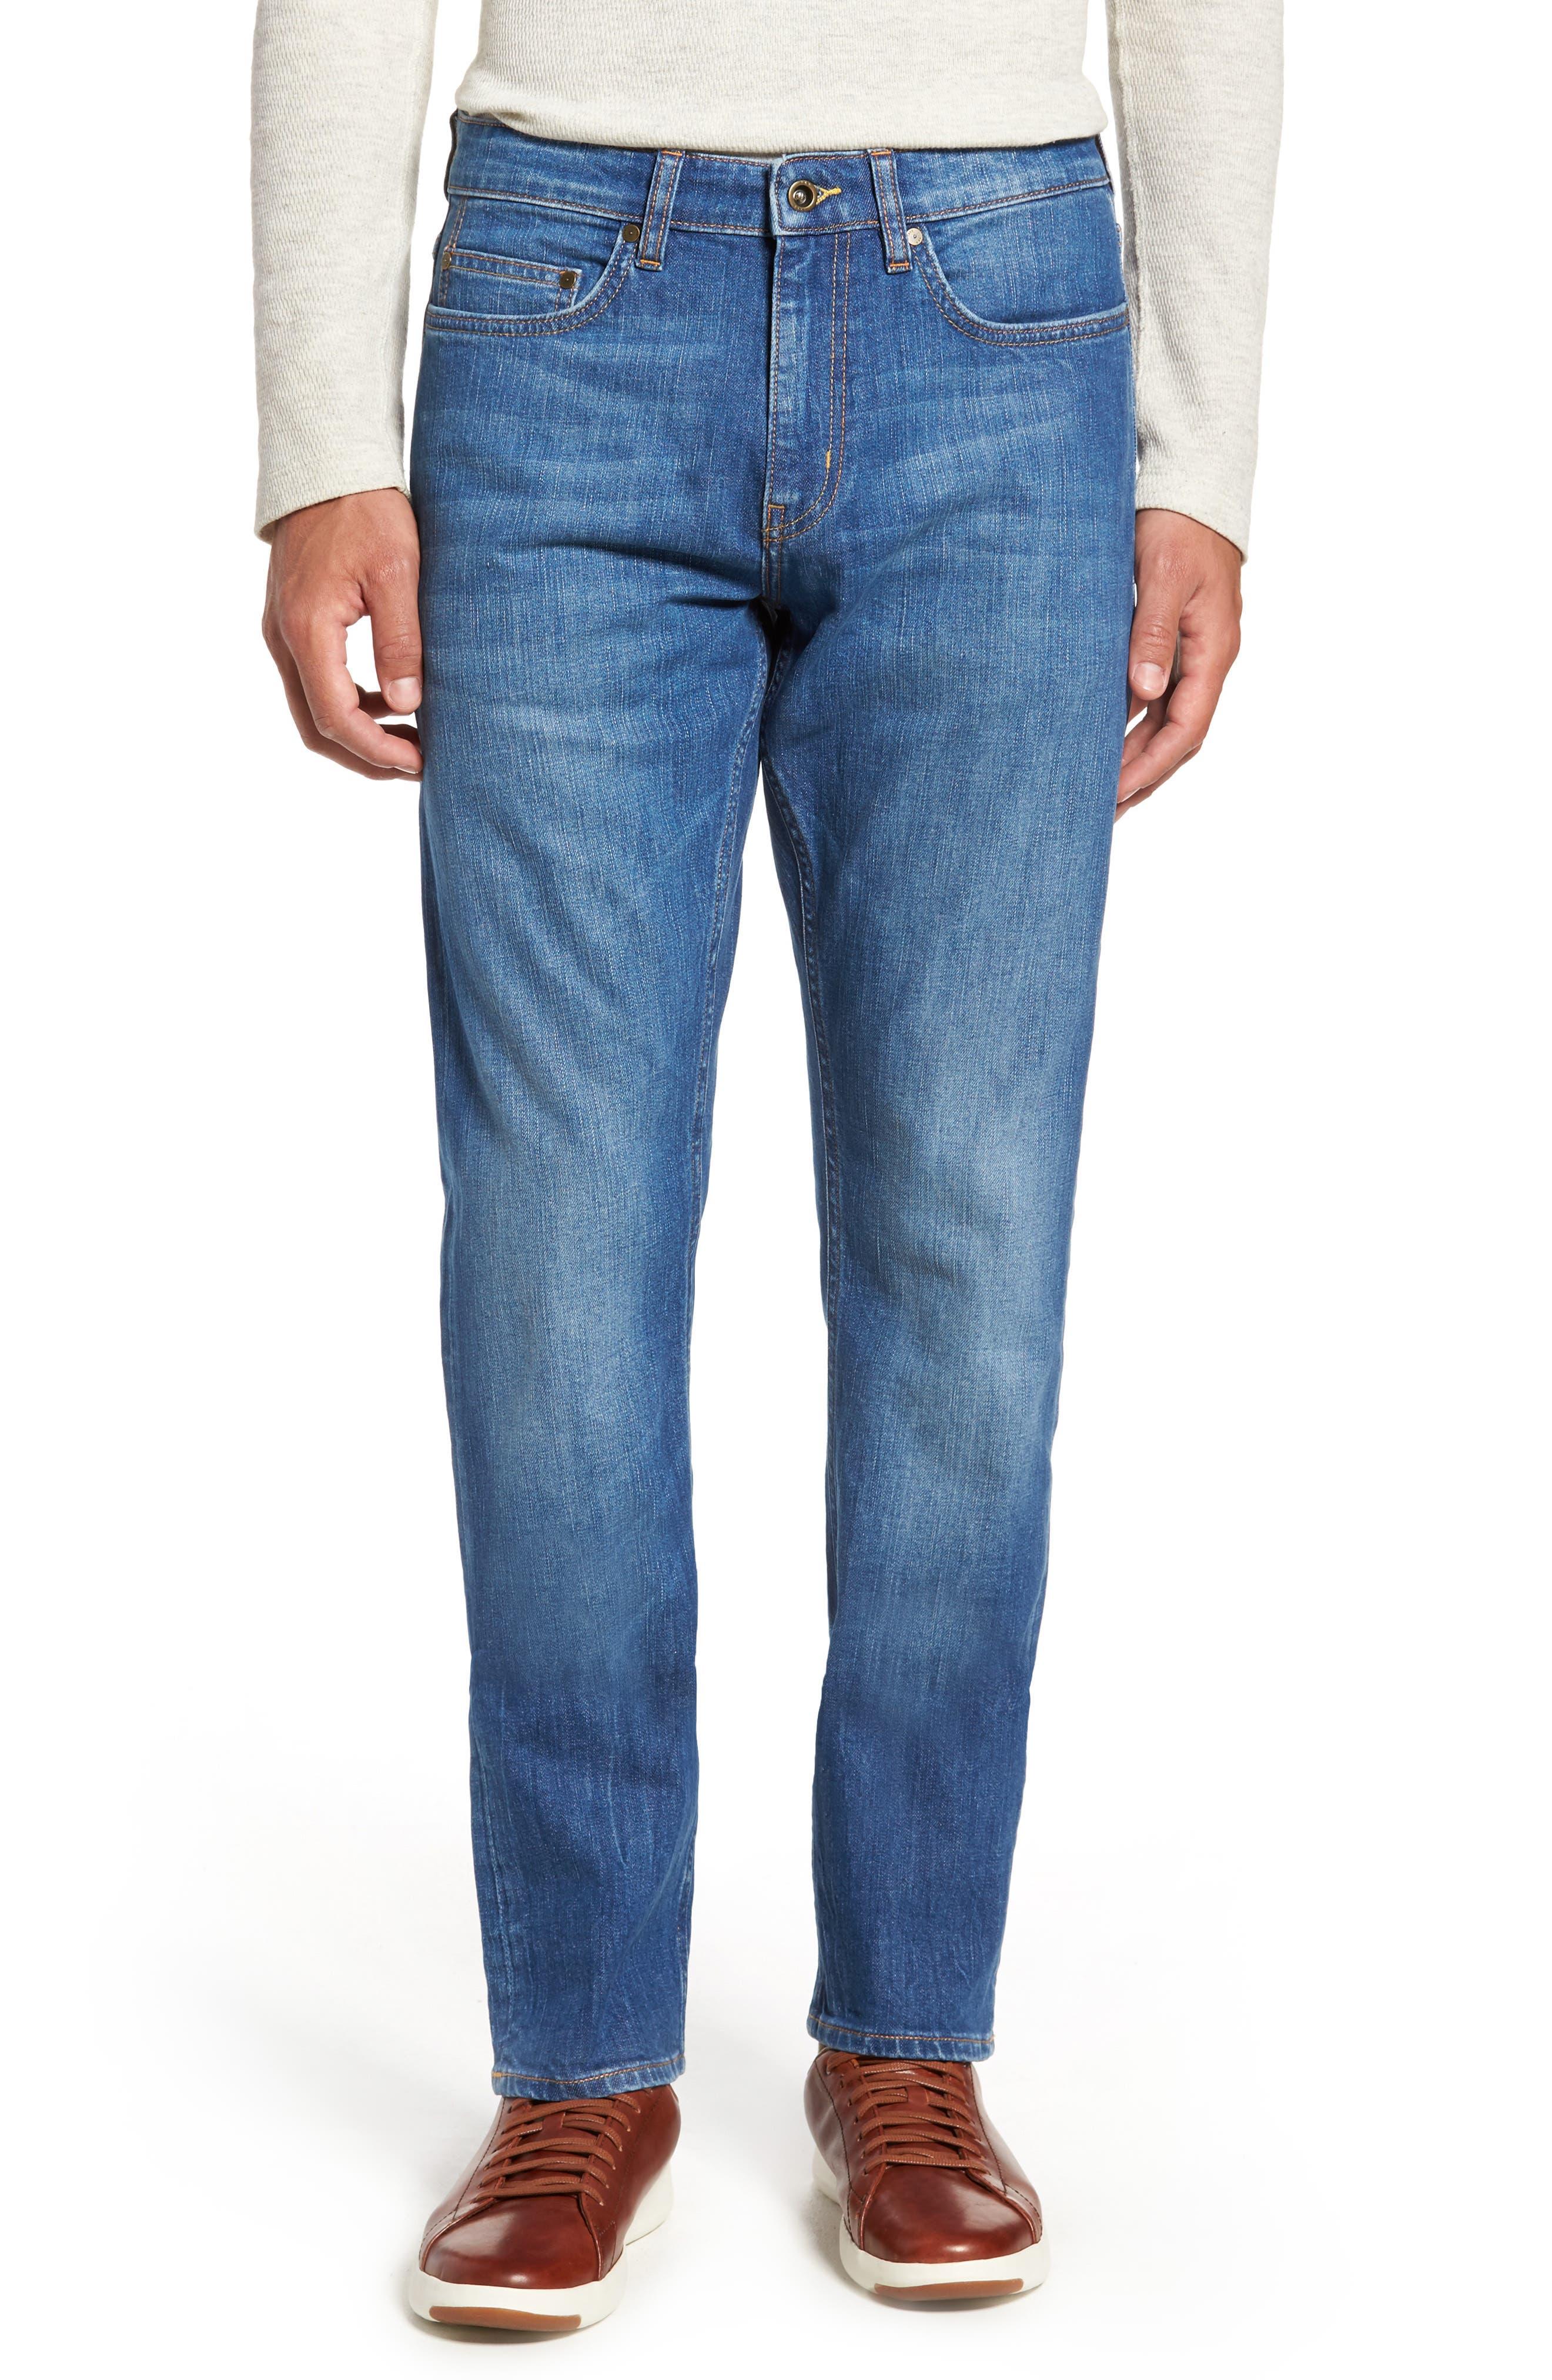 Cranfield Straight Leg Jeans,                         Main,                         color, Denim